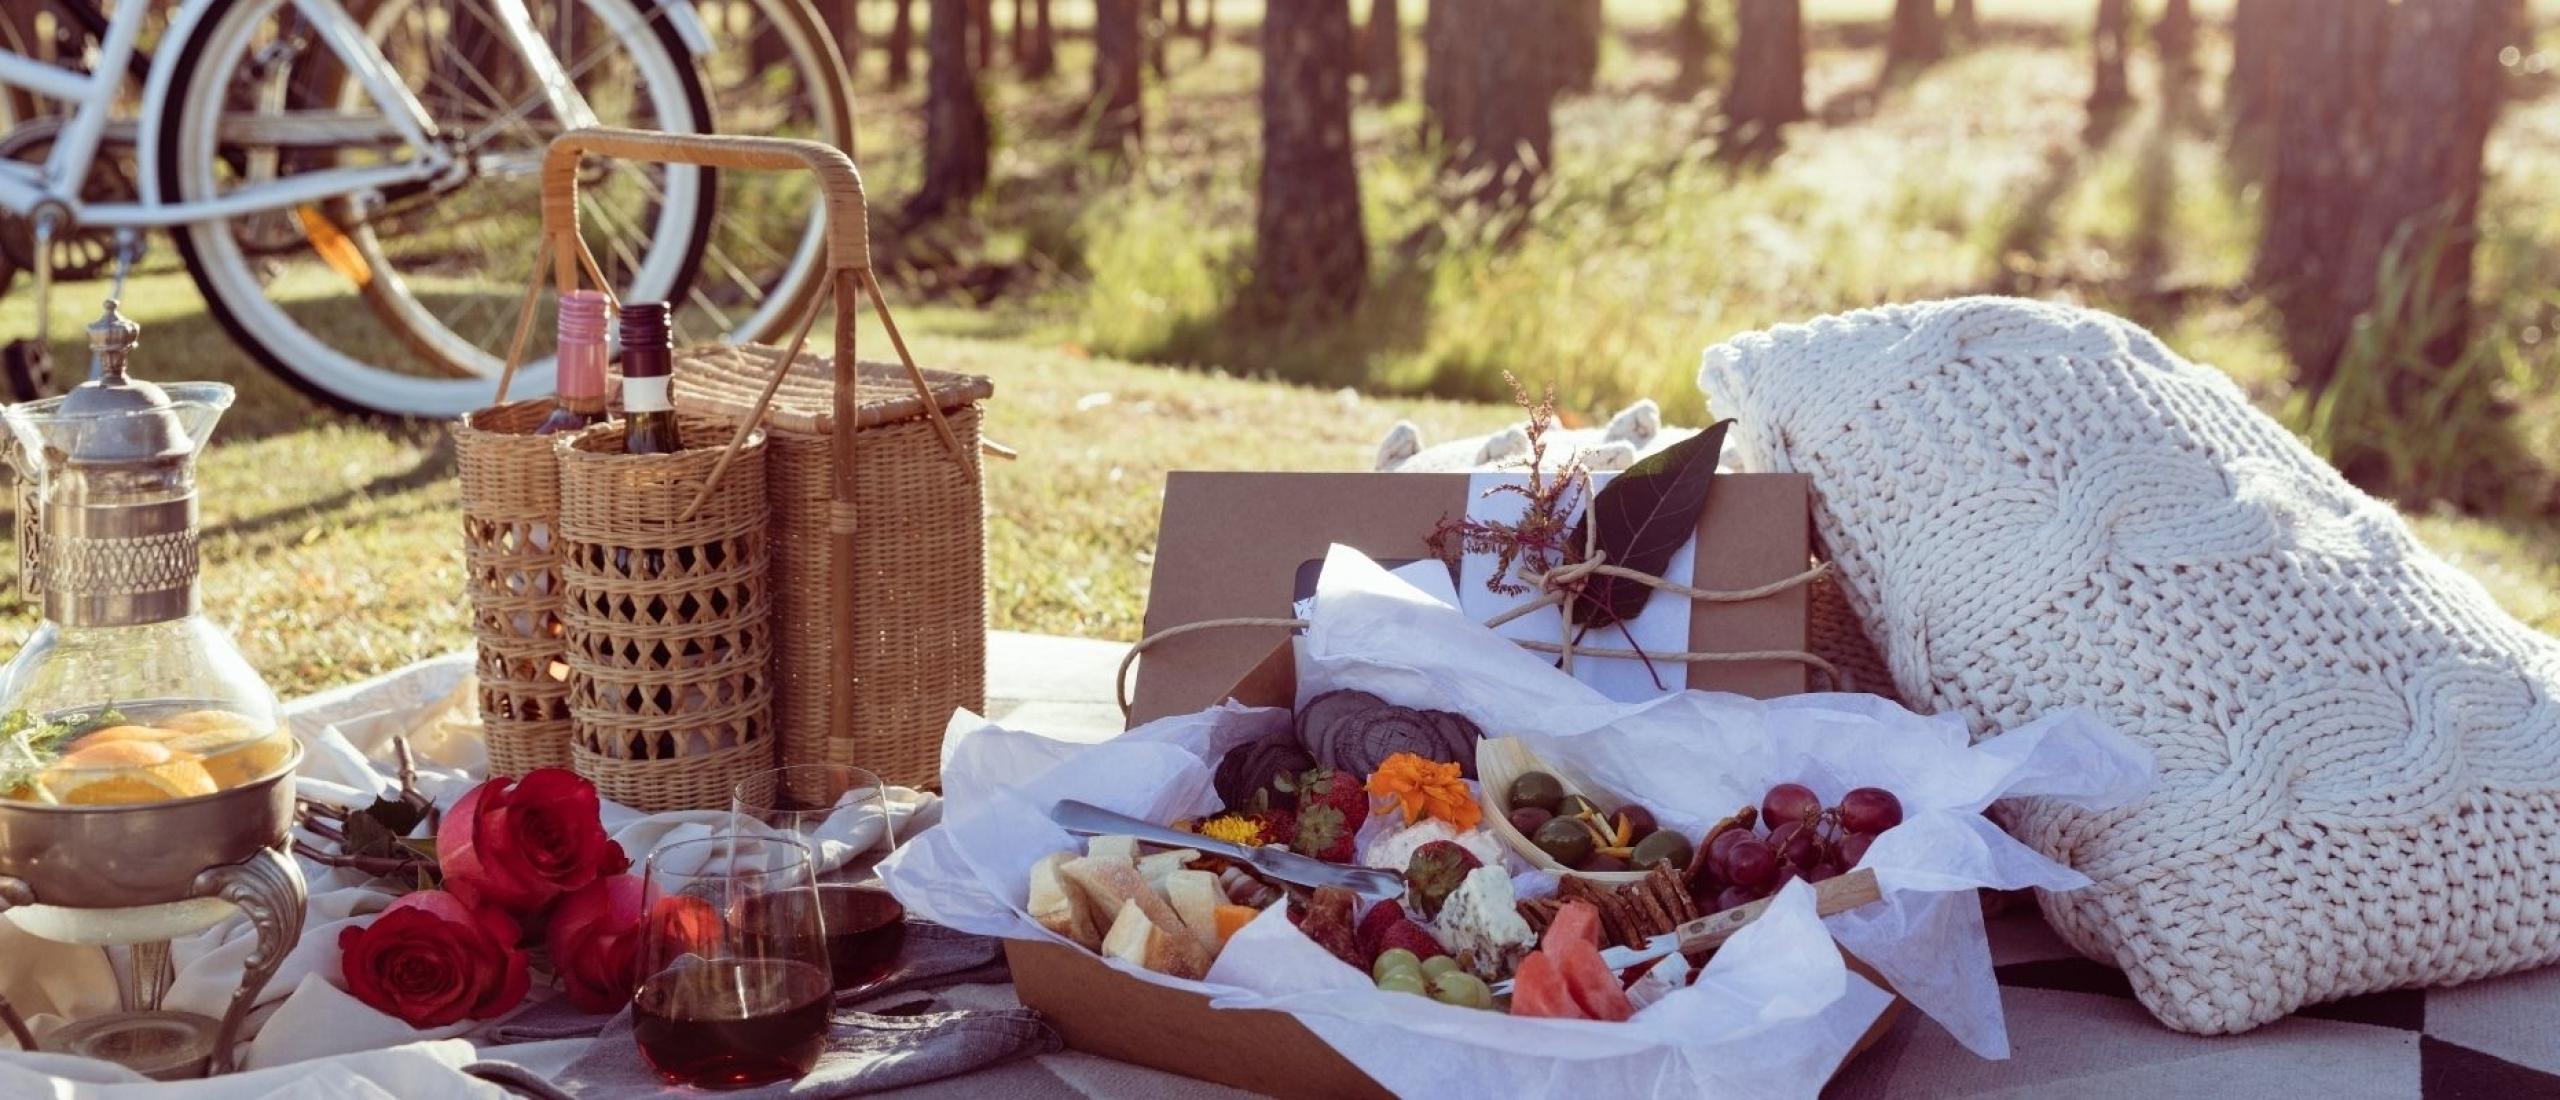 Picknicken op het strand, in het bos of aan het water